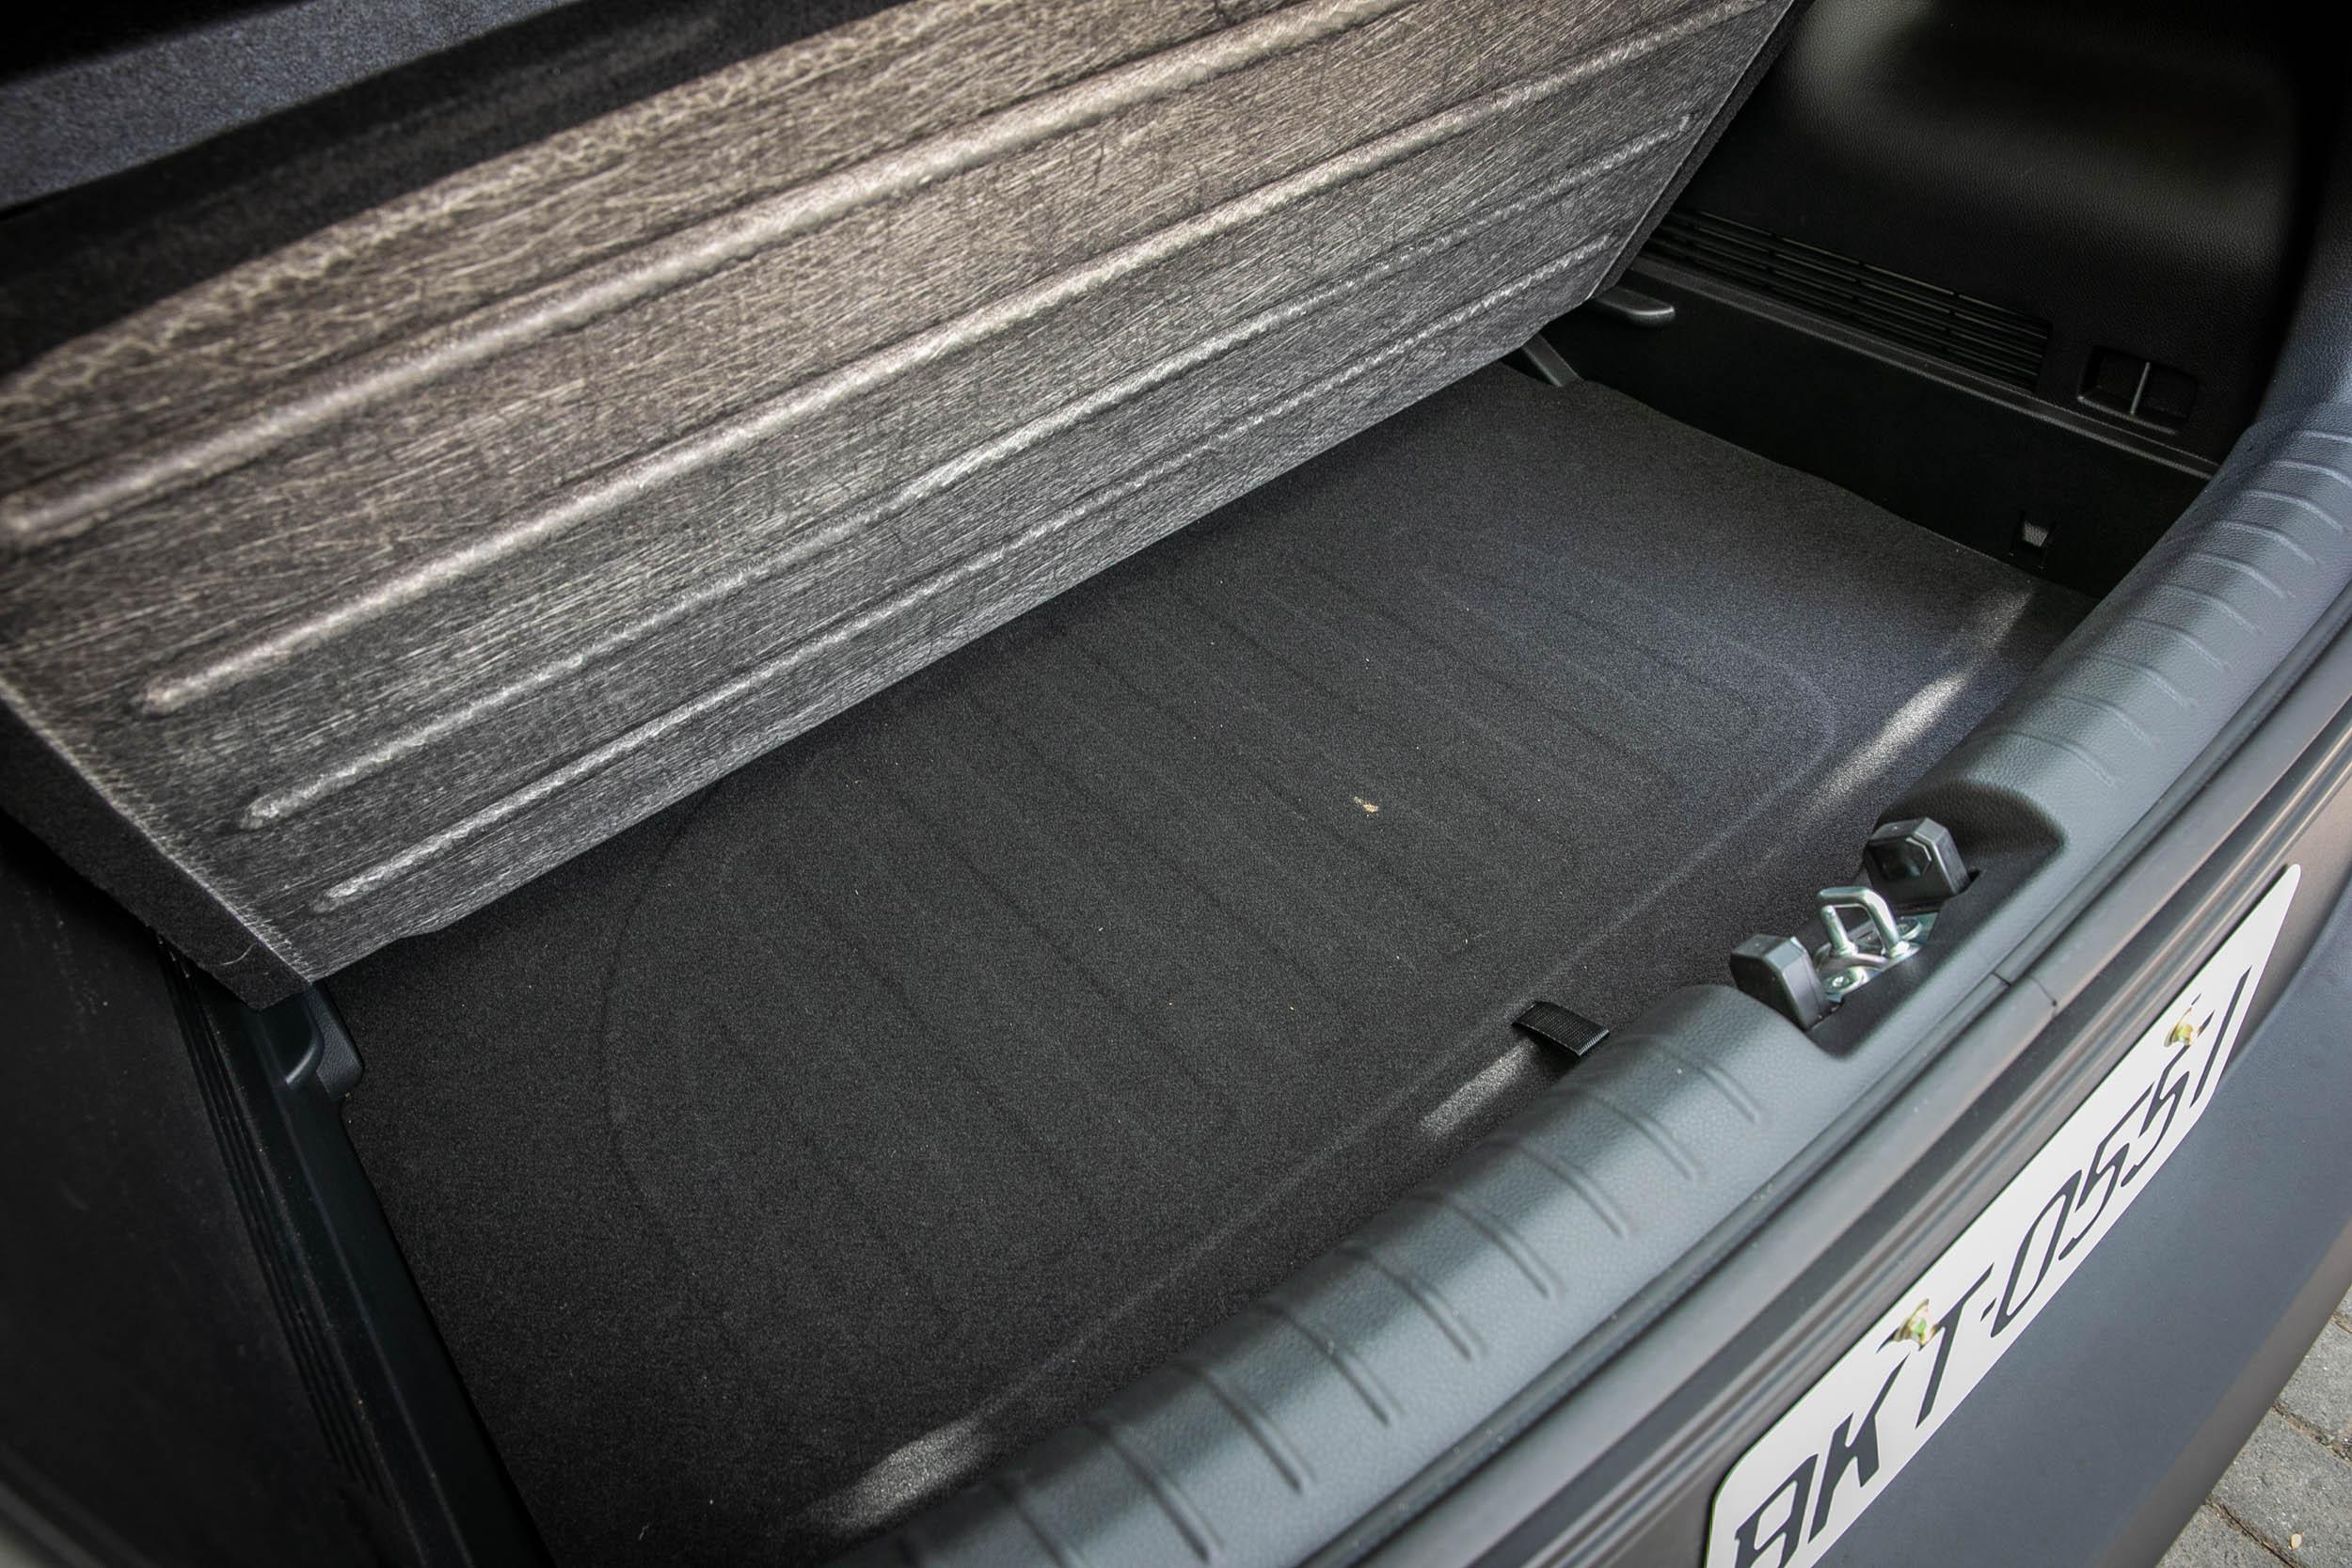 後廂底板下有置物夾層,增加置物彈性與隱蔽性。